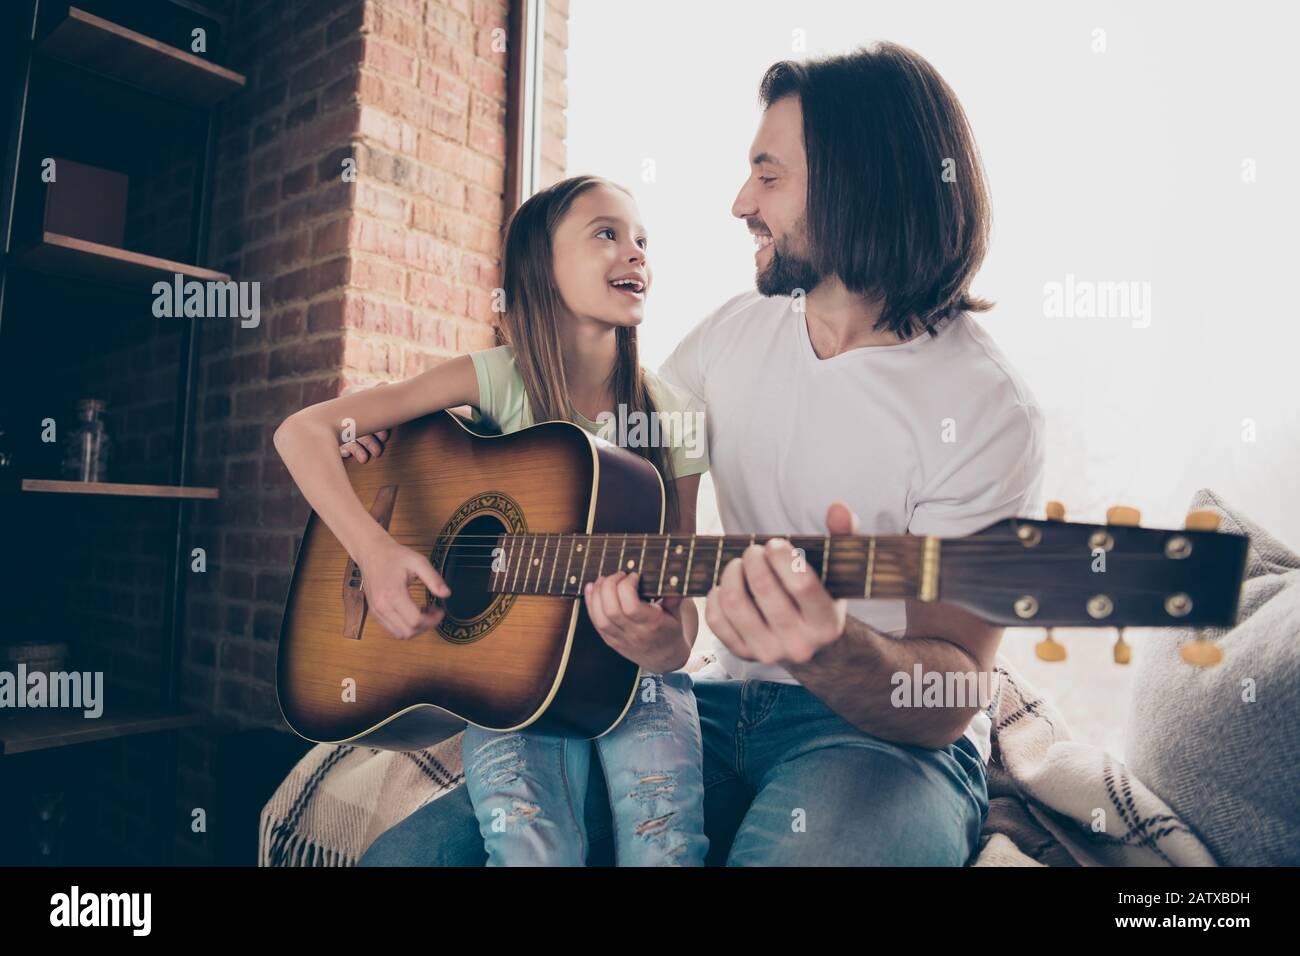 Foto de la pequeña adorable dama bonita y su guapo joven papá sentarse ventana bajo los ojos mantener la guitarra acústica aprender nueva canción pasar tiempo Foto de stock